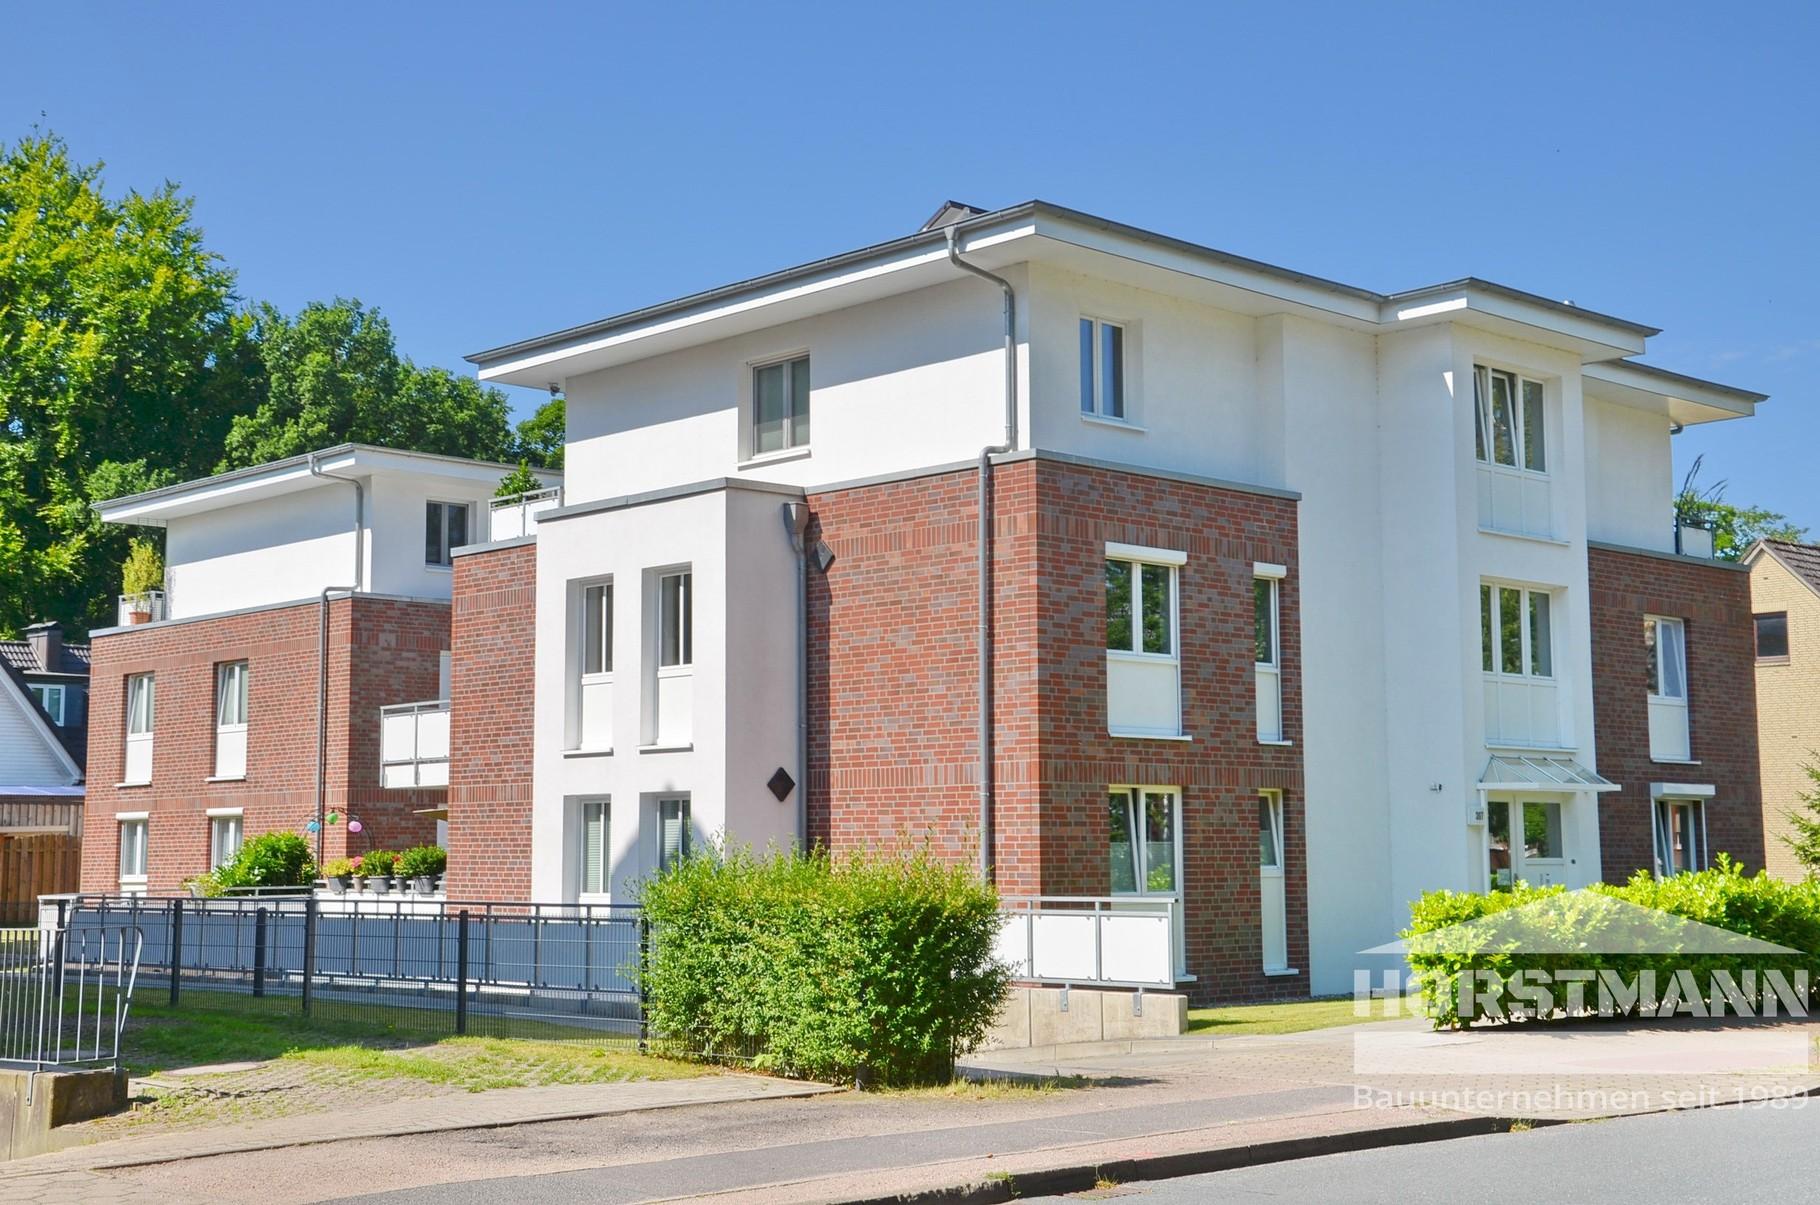 Mehrfamilienhaus - Hamburg-Rissen - Baujahr 2010 - 8 Wohneinheiten